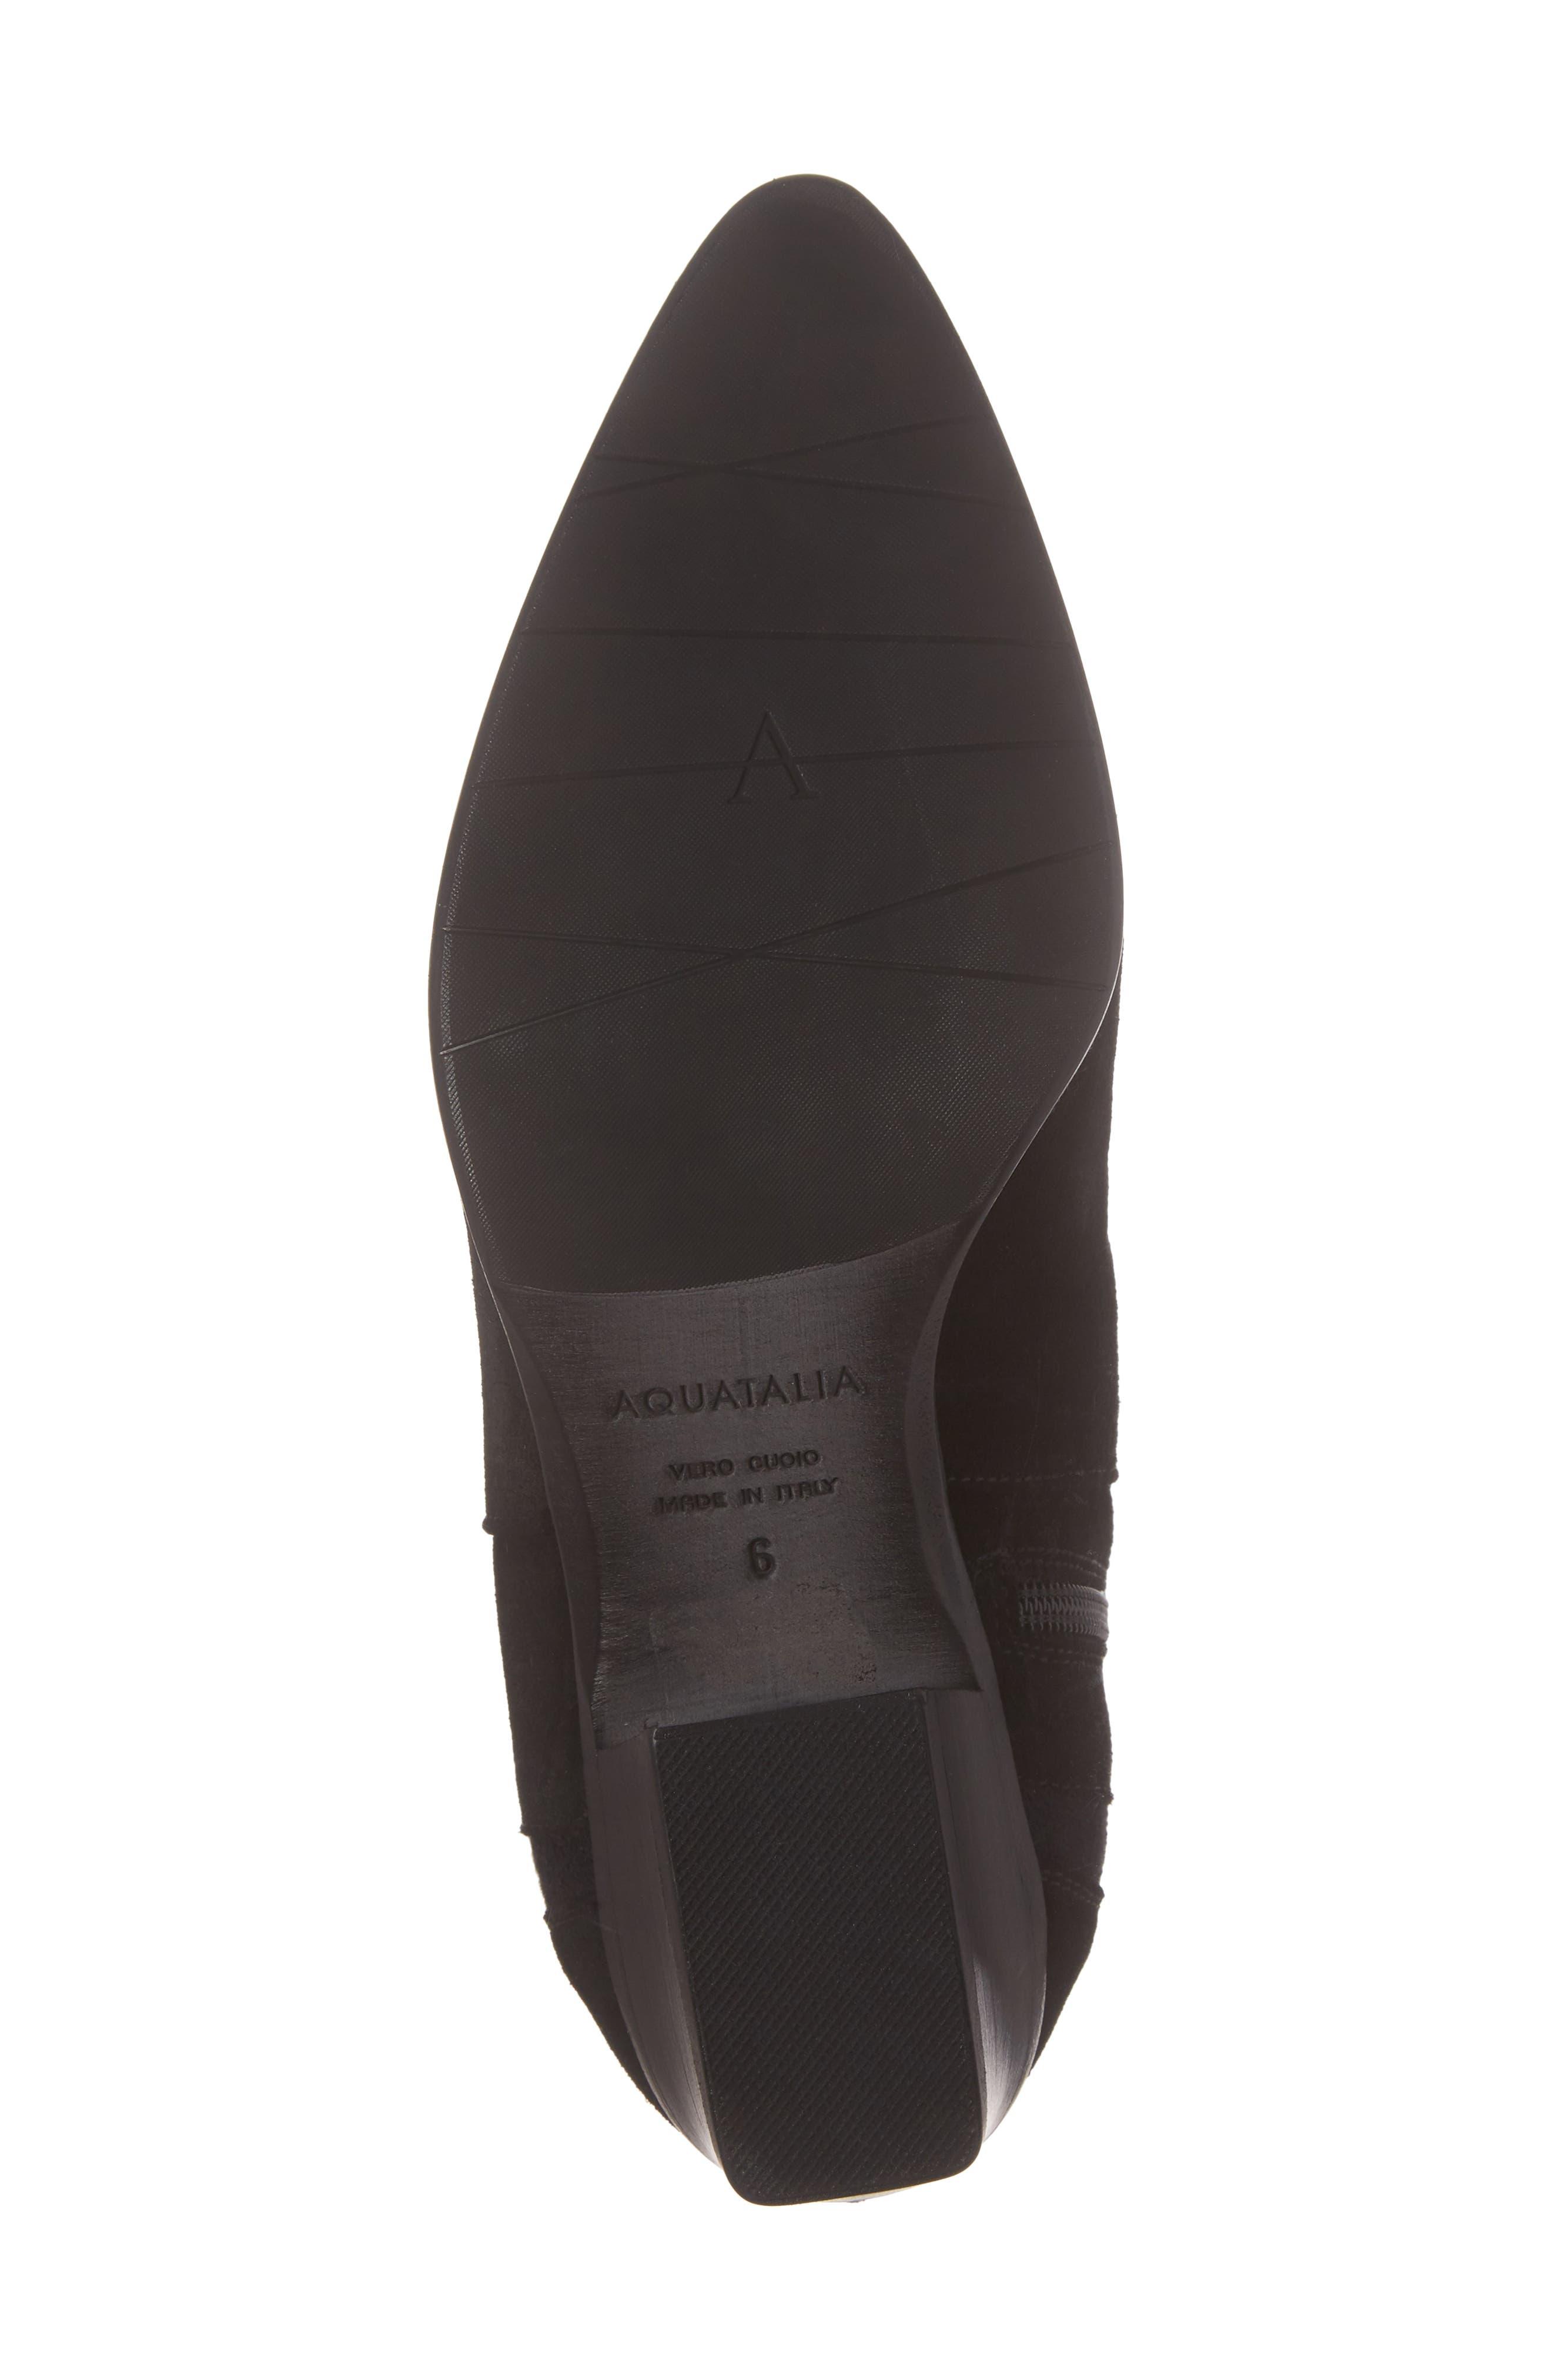 Federica Weatherproof Knee High Boot,                             Alternate thumbnail 6, color,                             Black Suede